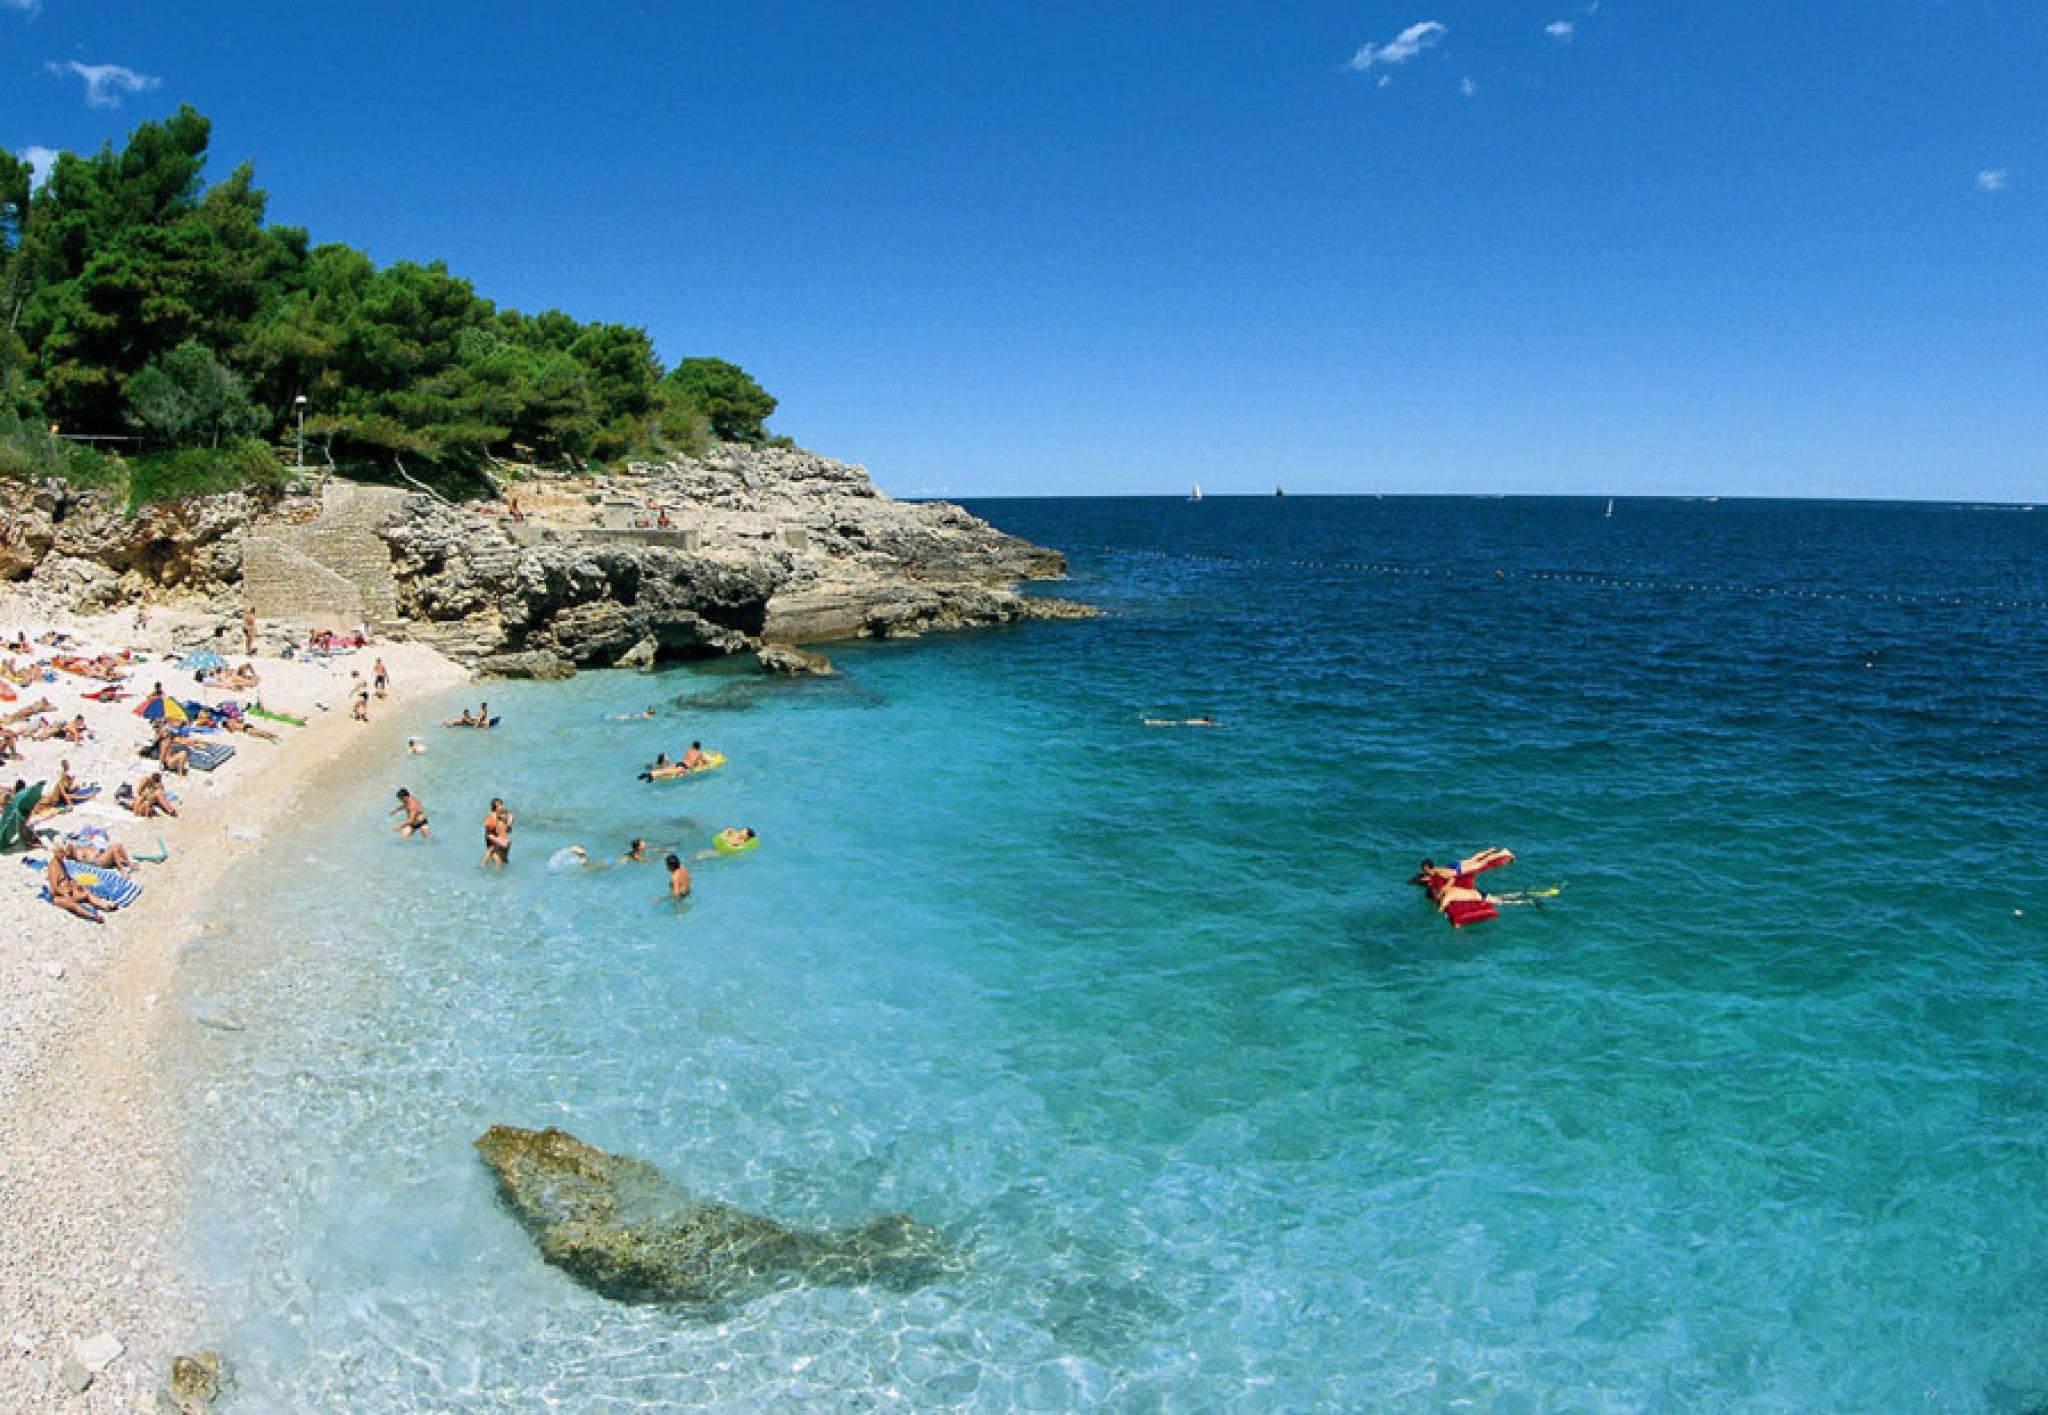 Pula Croatia Beach Beach in Pula